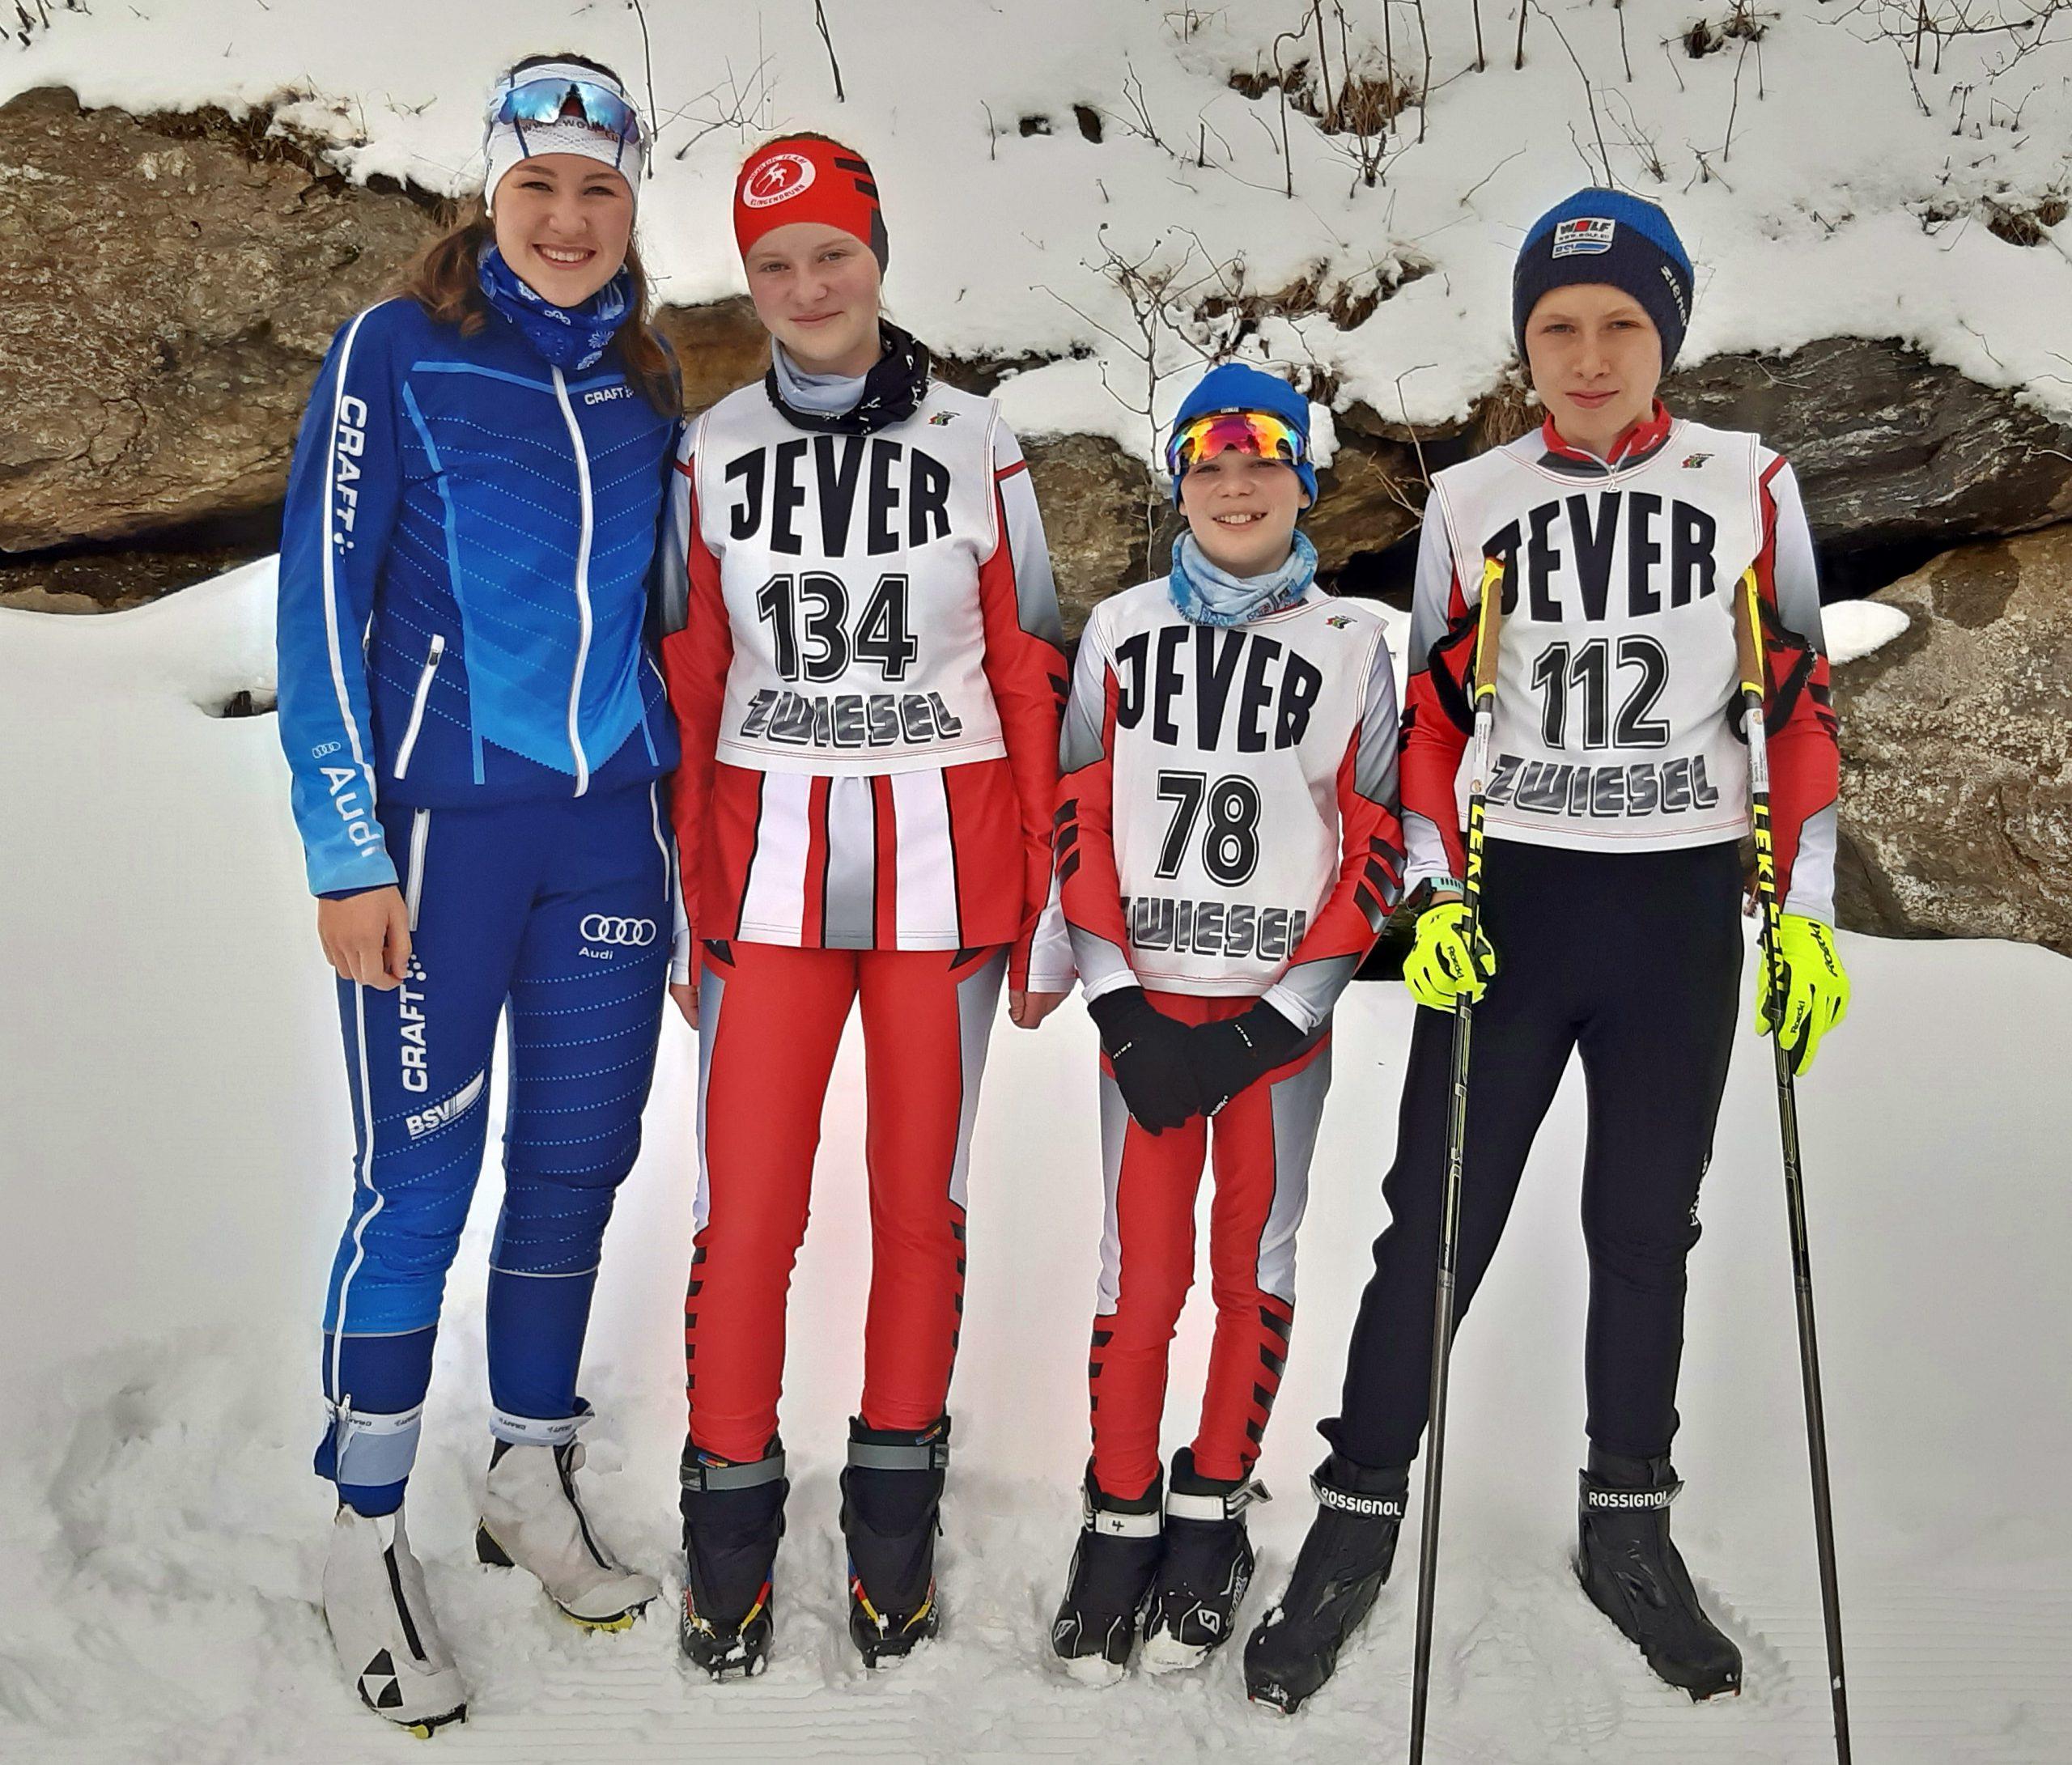 Mit noch vier Startern konnte das NTK am vorläufig letzten Rennen am 8. März des SC Zwiesel antreten